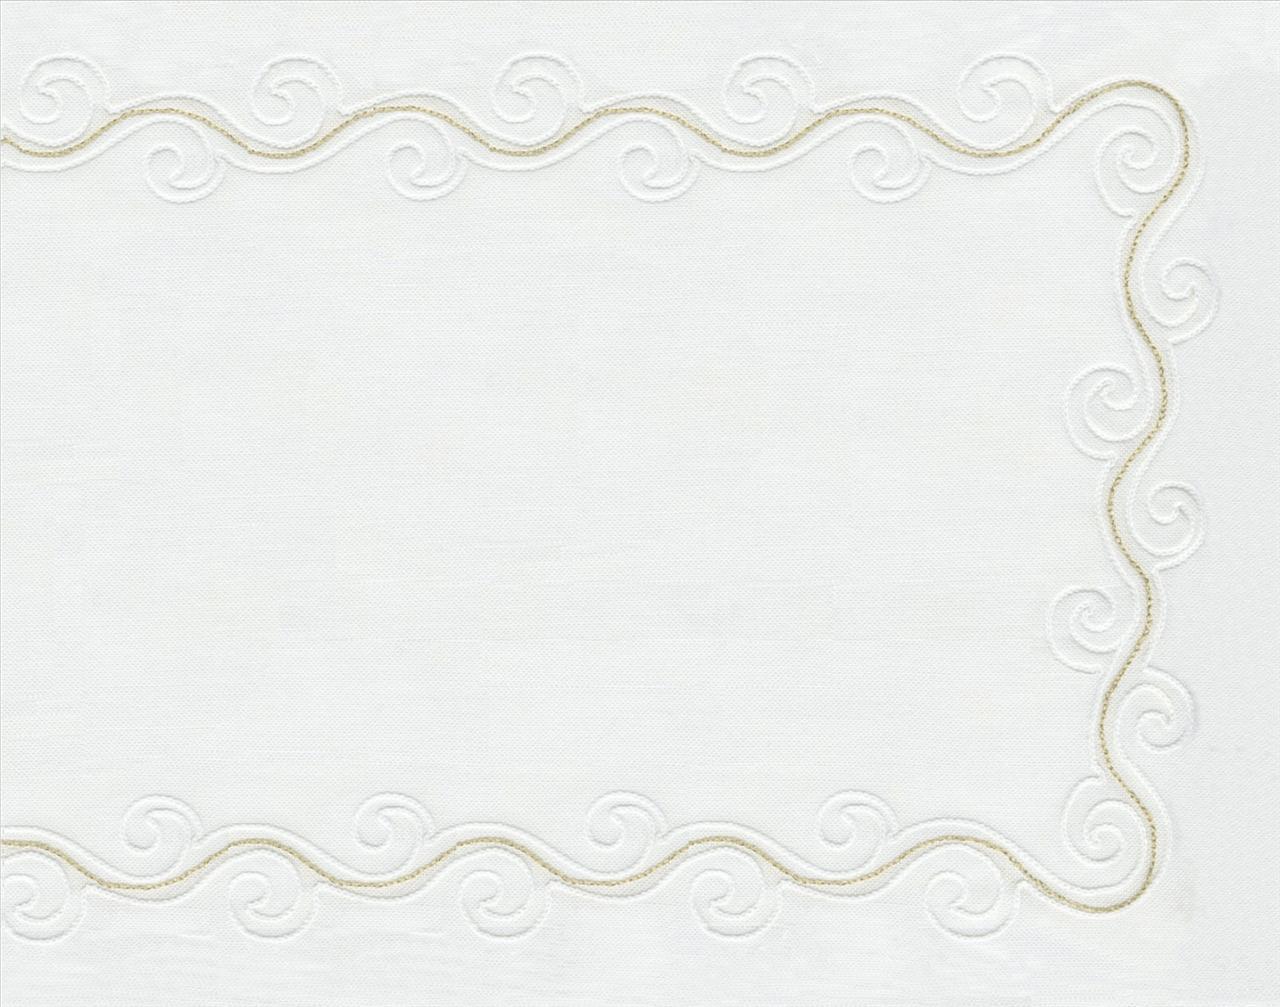 Free Wedding Backgrounds Borders